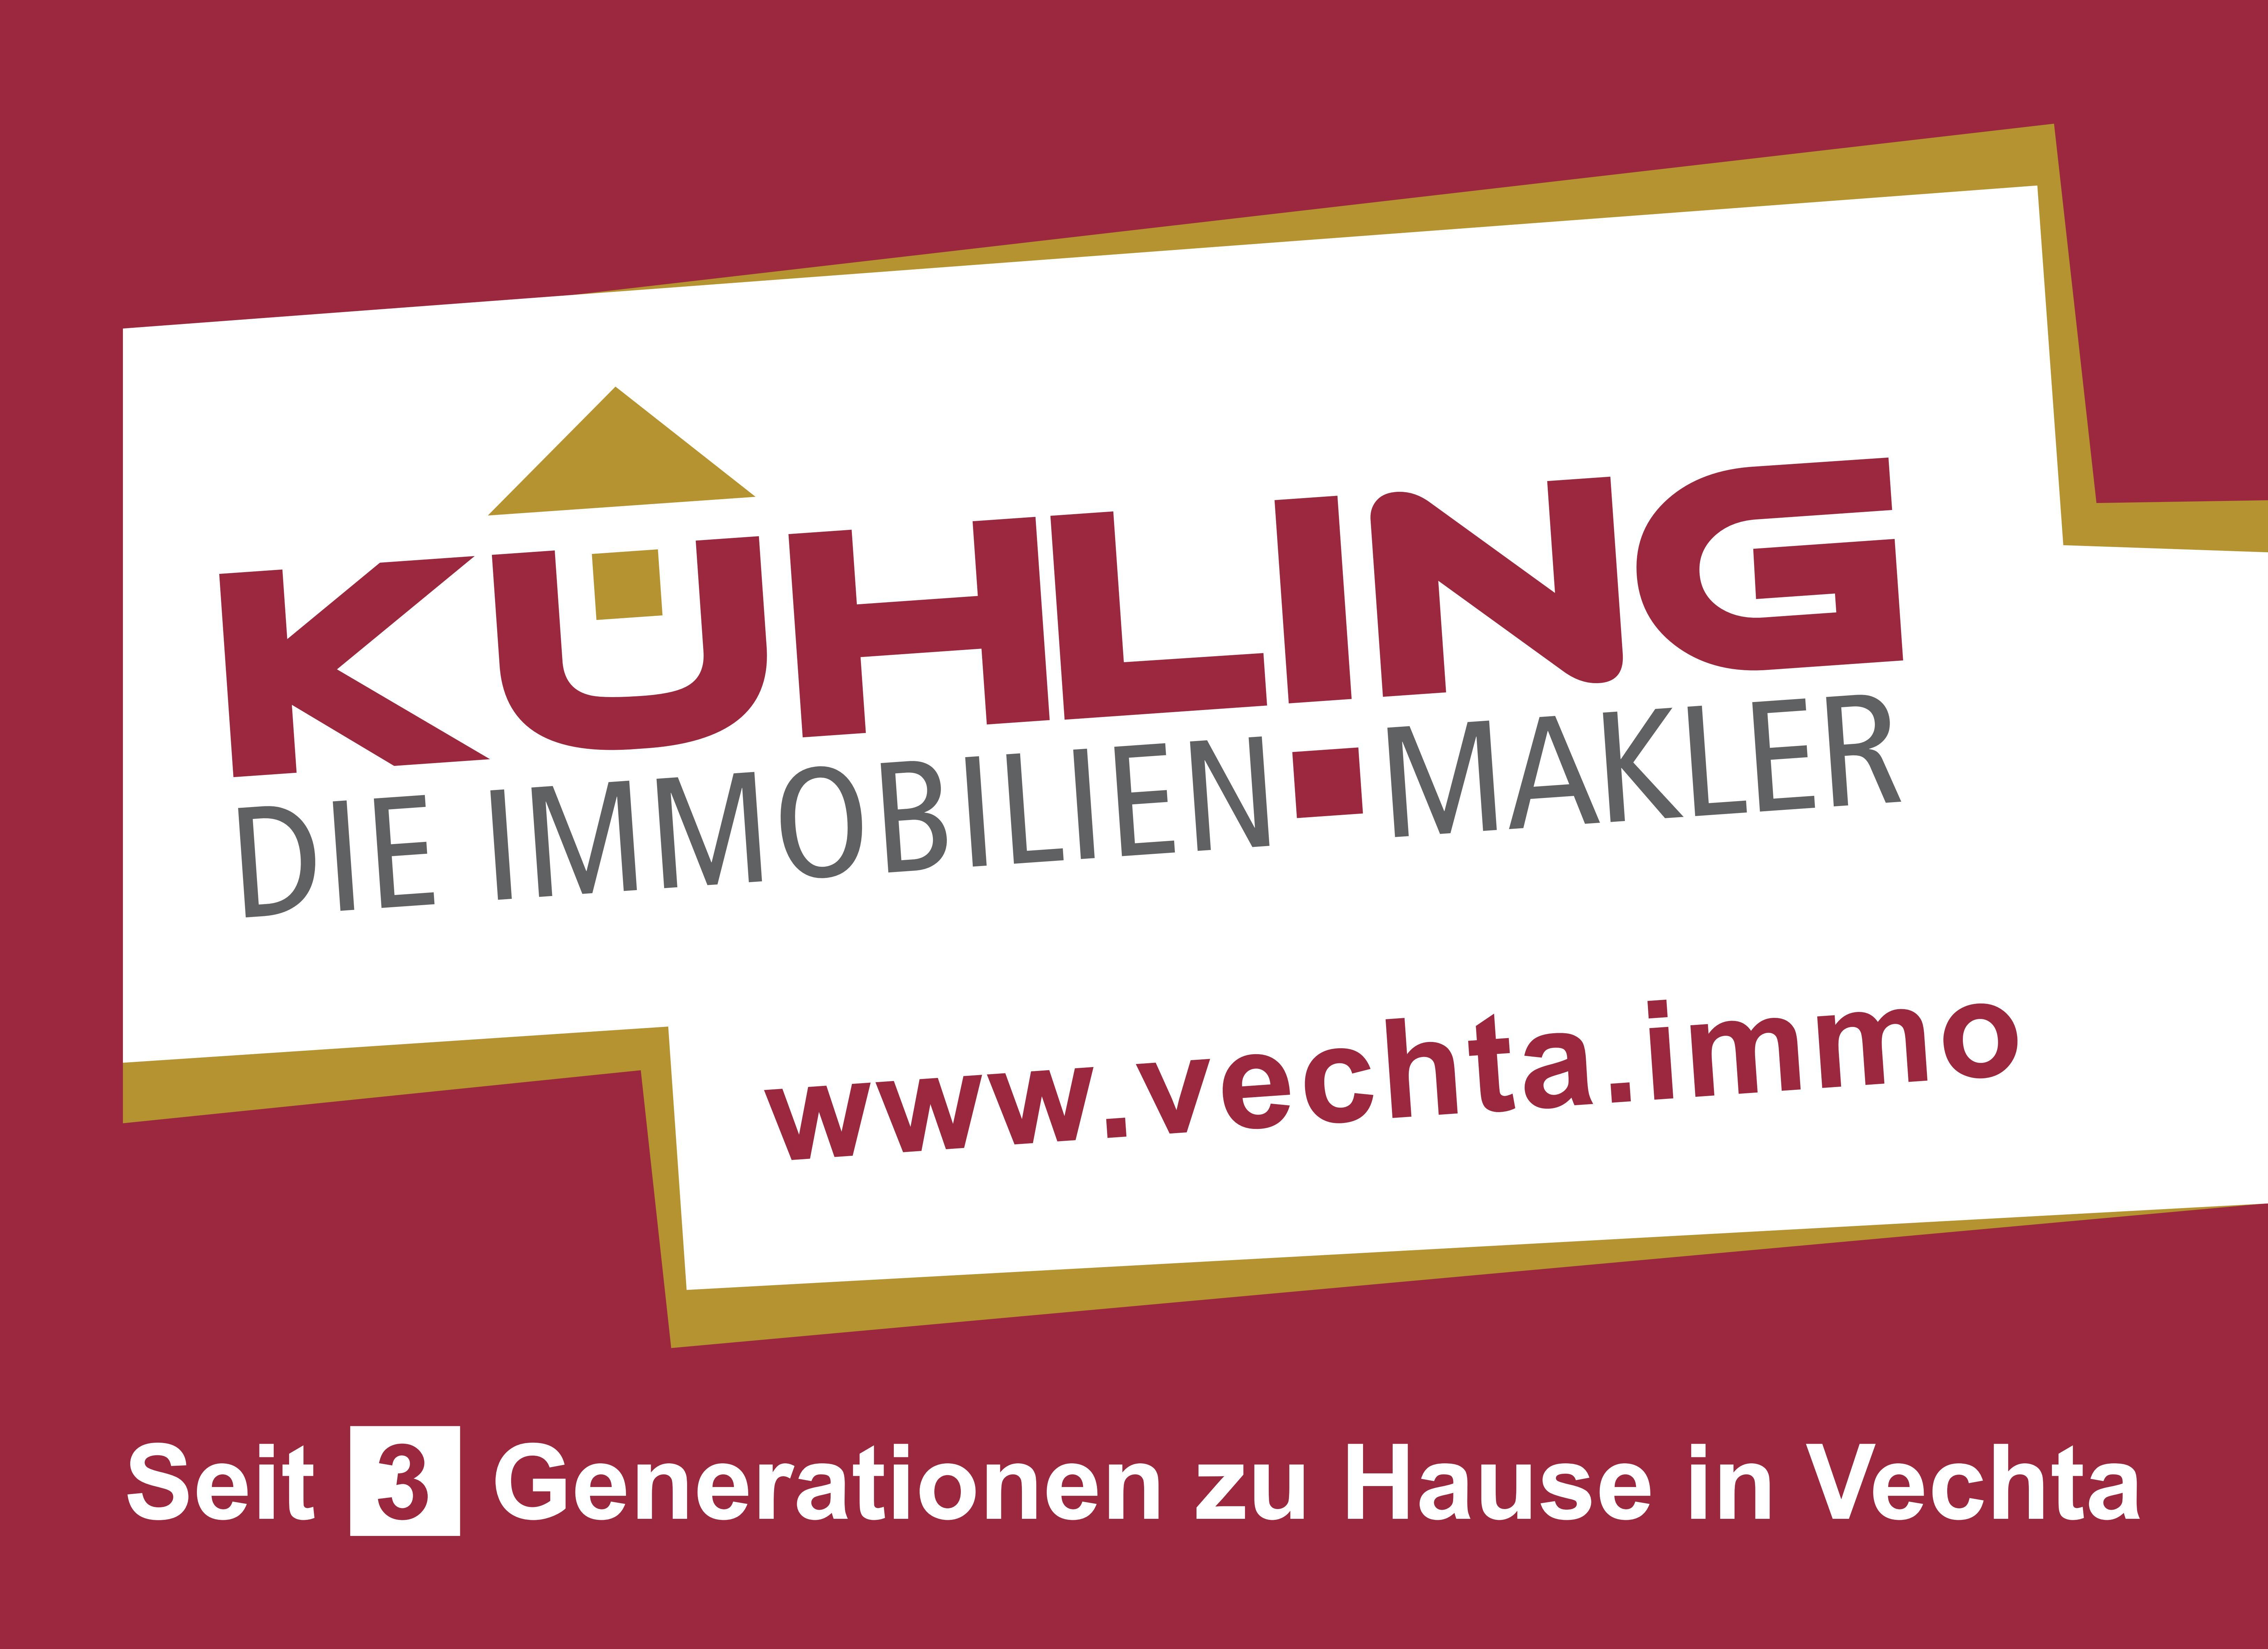 Kuehling_Logo_55x40_01